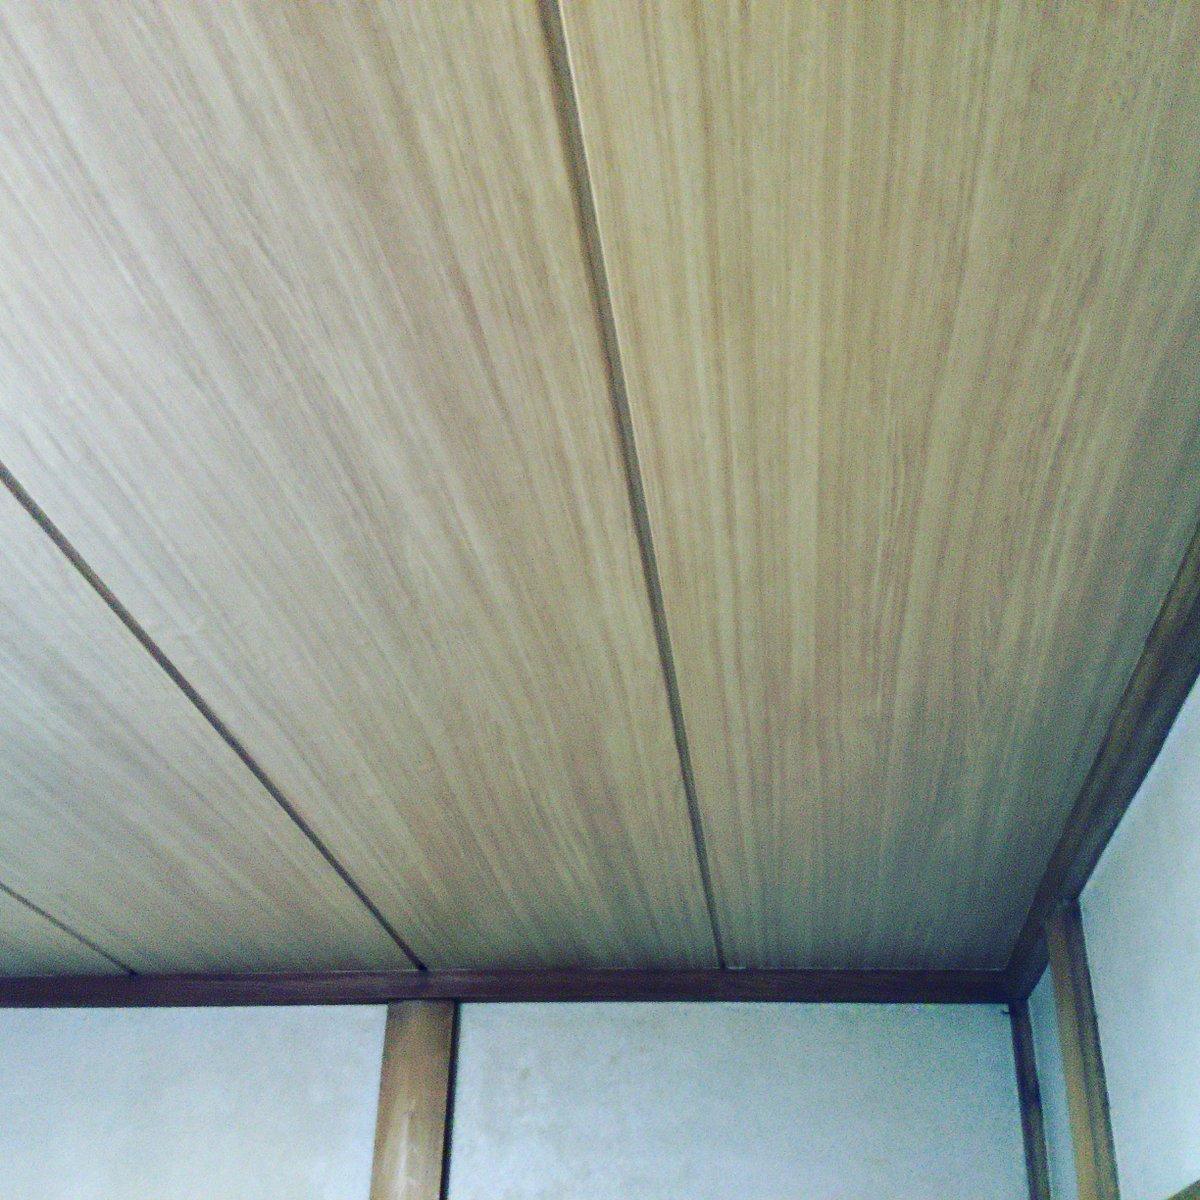 ট ইট র インテリア山田 けんたろう 10 12 木 和室の天井